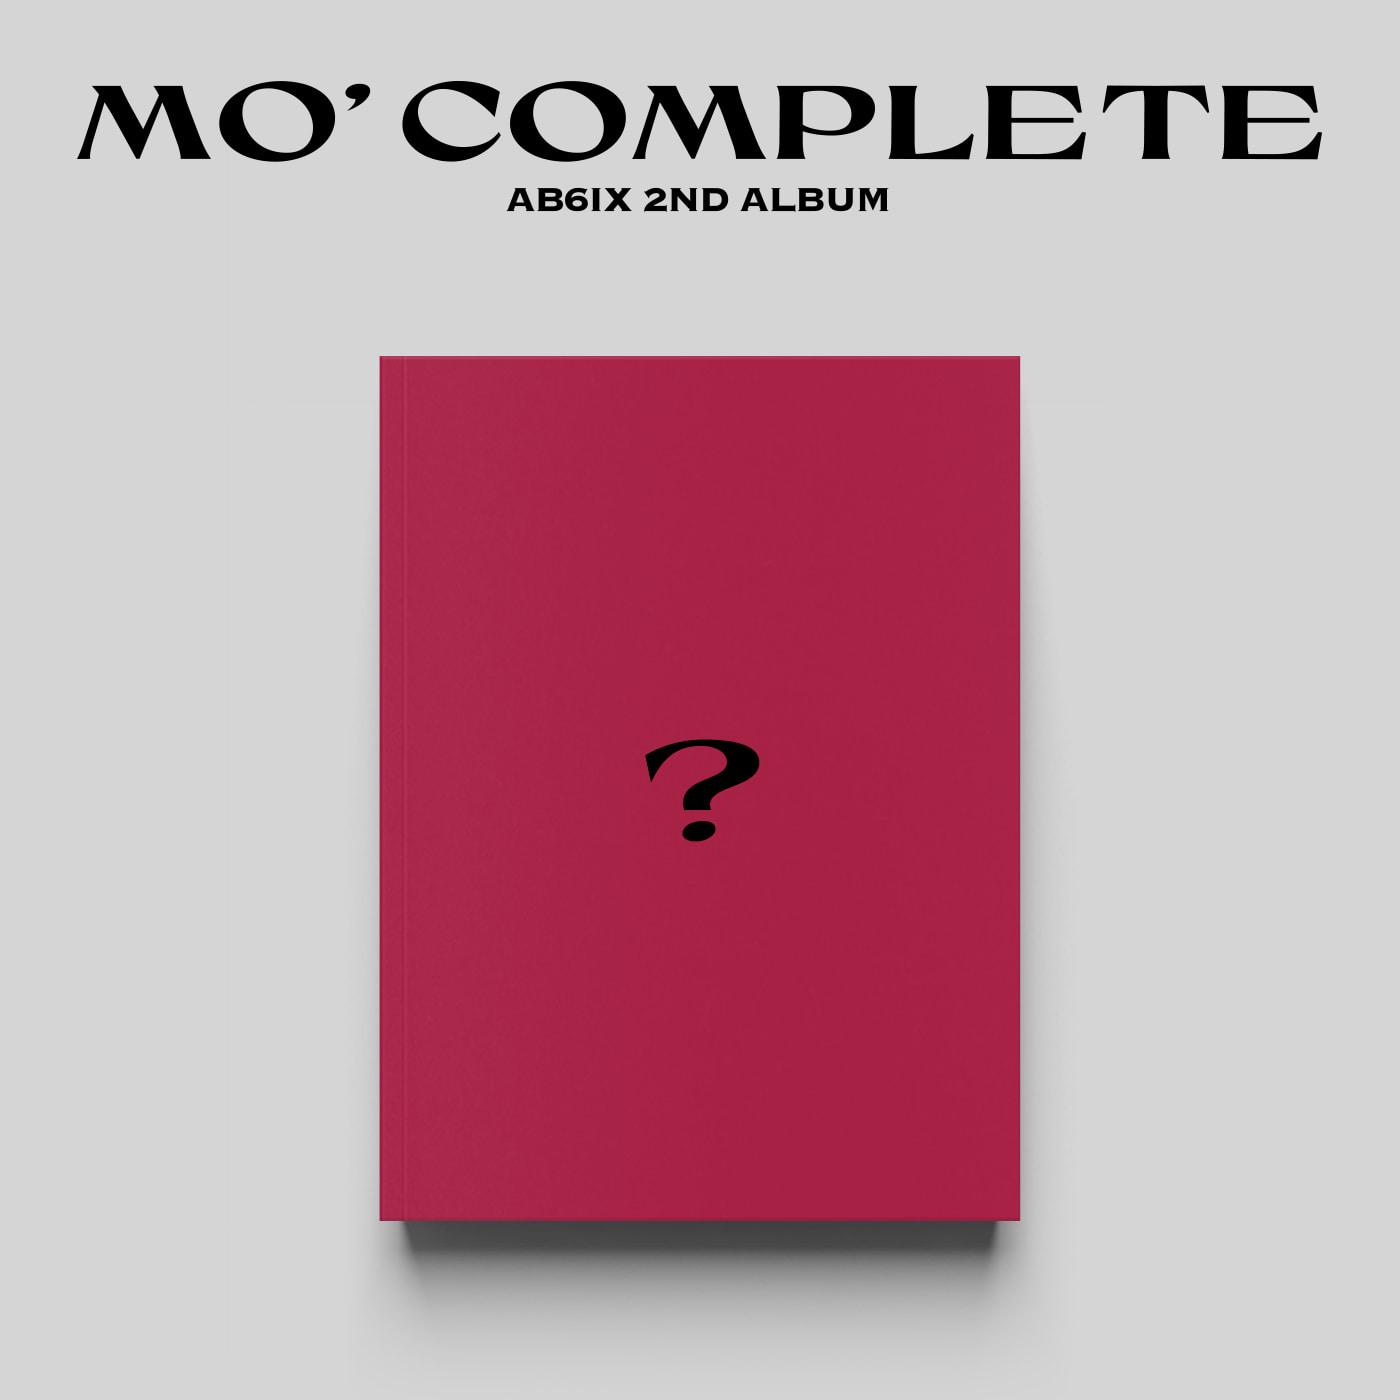 에이비식스(AB6IX) - 정규 2집 [MO' COMPLETE] (S Ver.)케이팝스토어(kpop store)